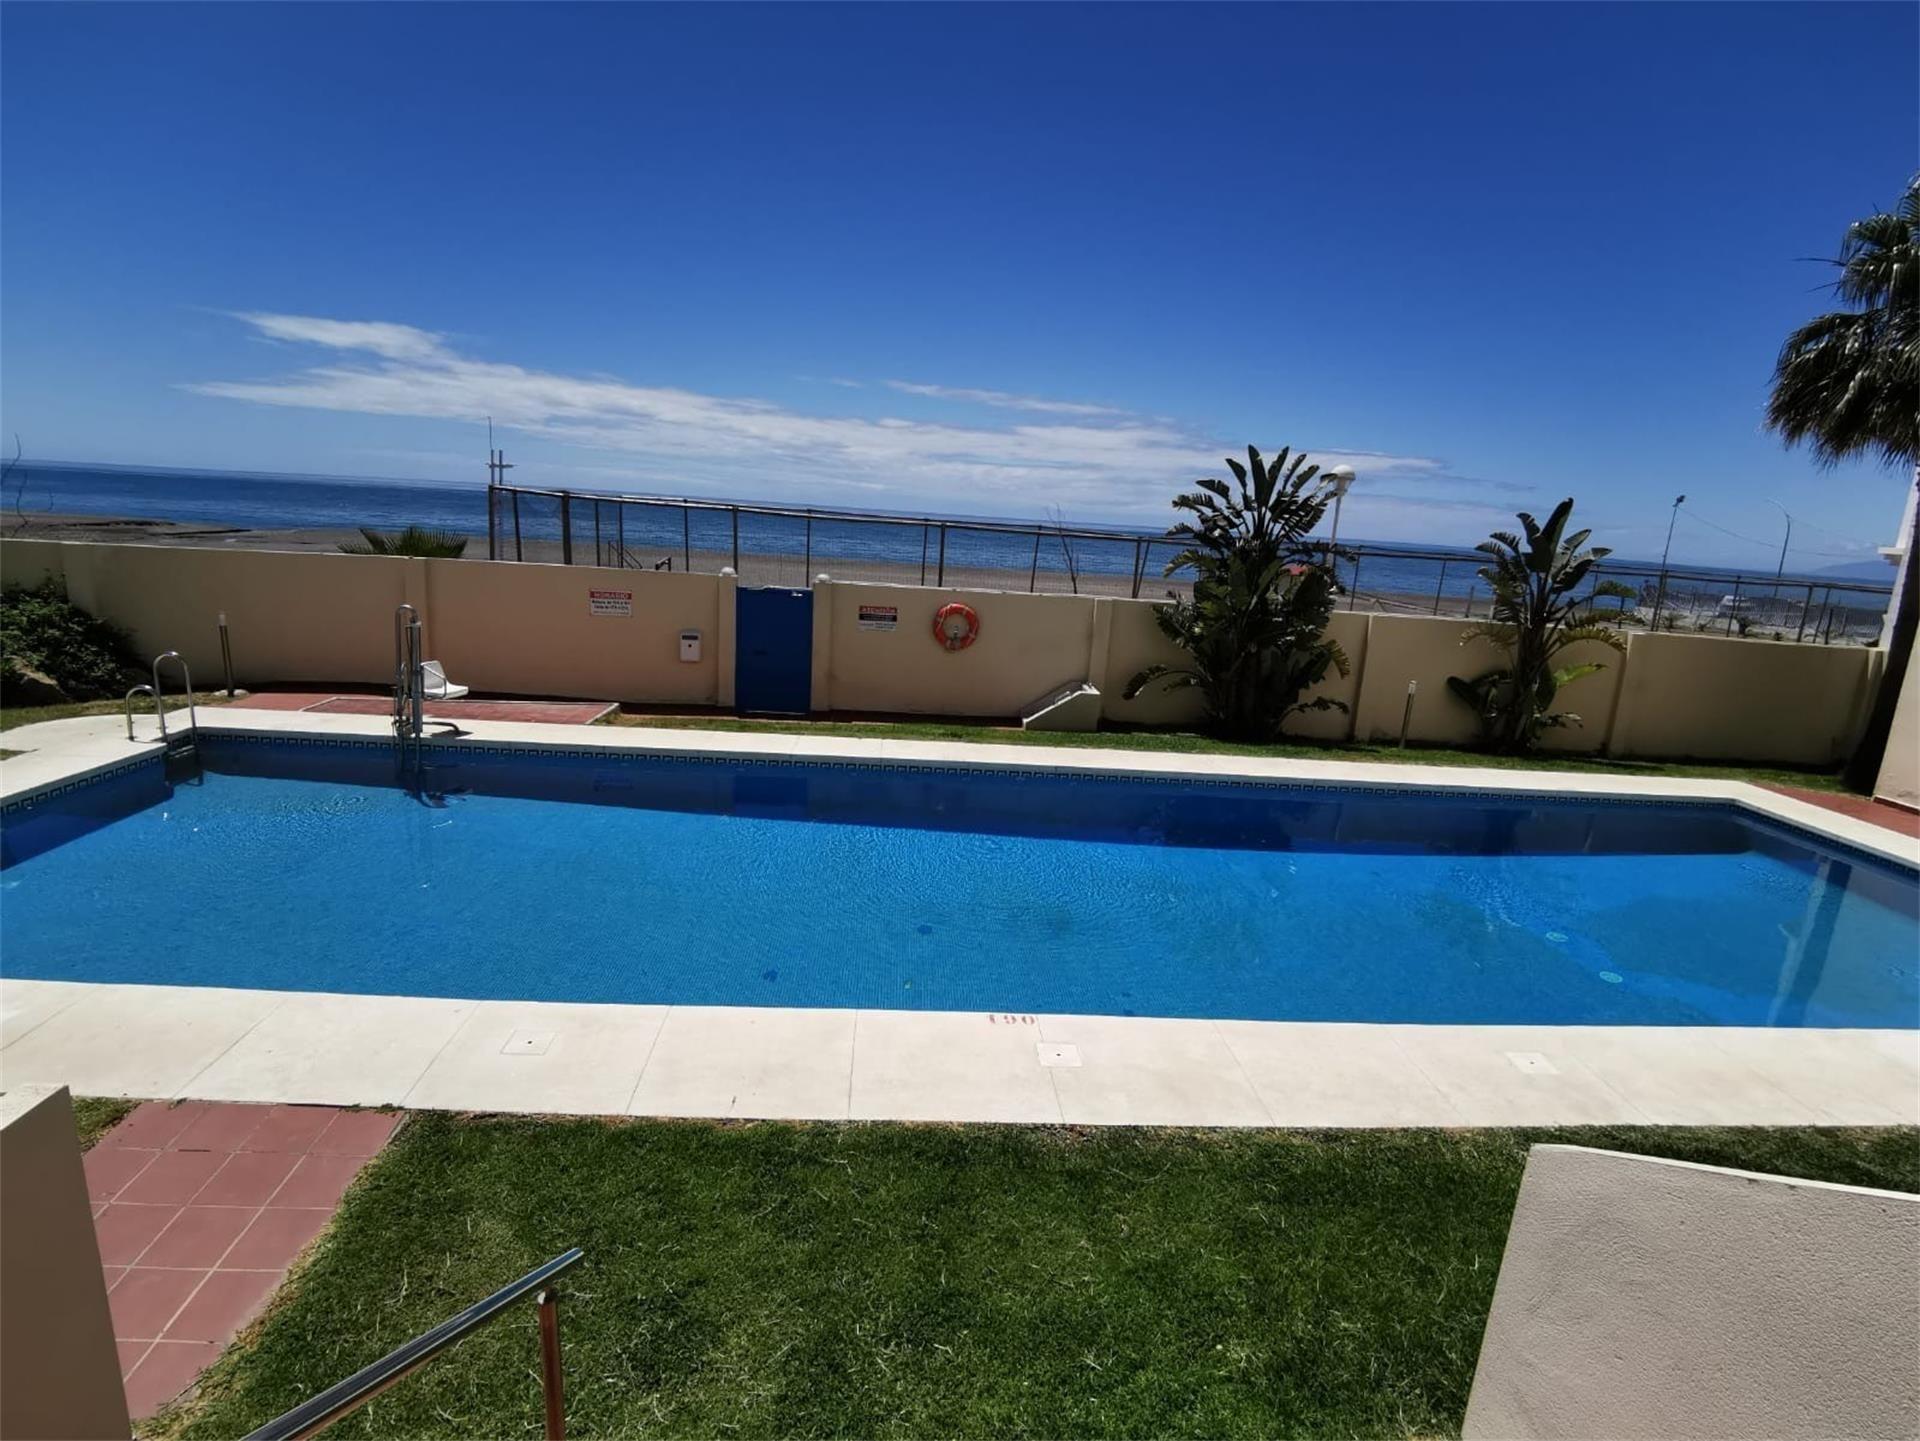 Apartamento de alquiler en Carretera de Almería, El Morche (El Morche, Málaga)